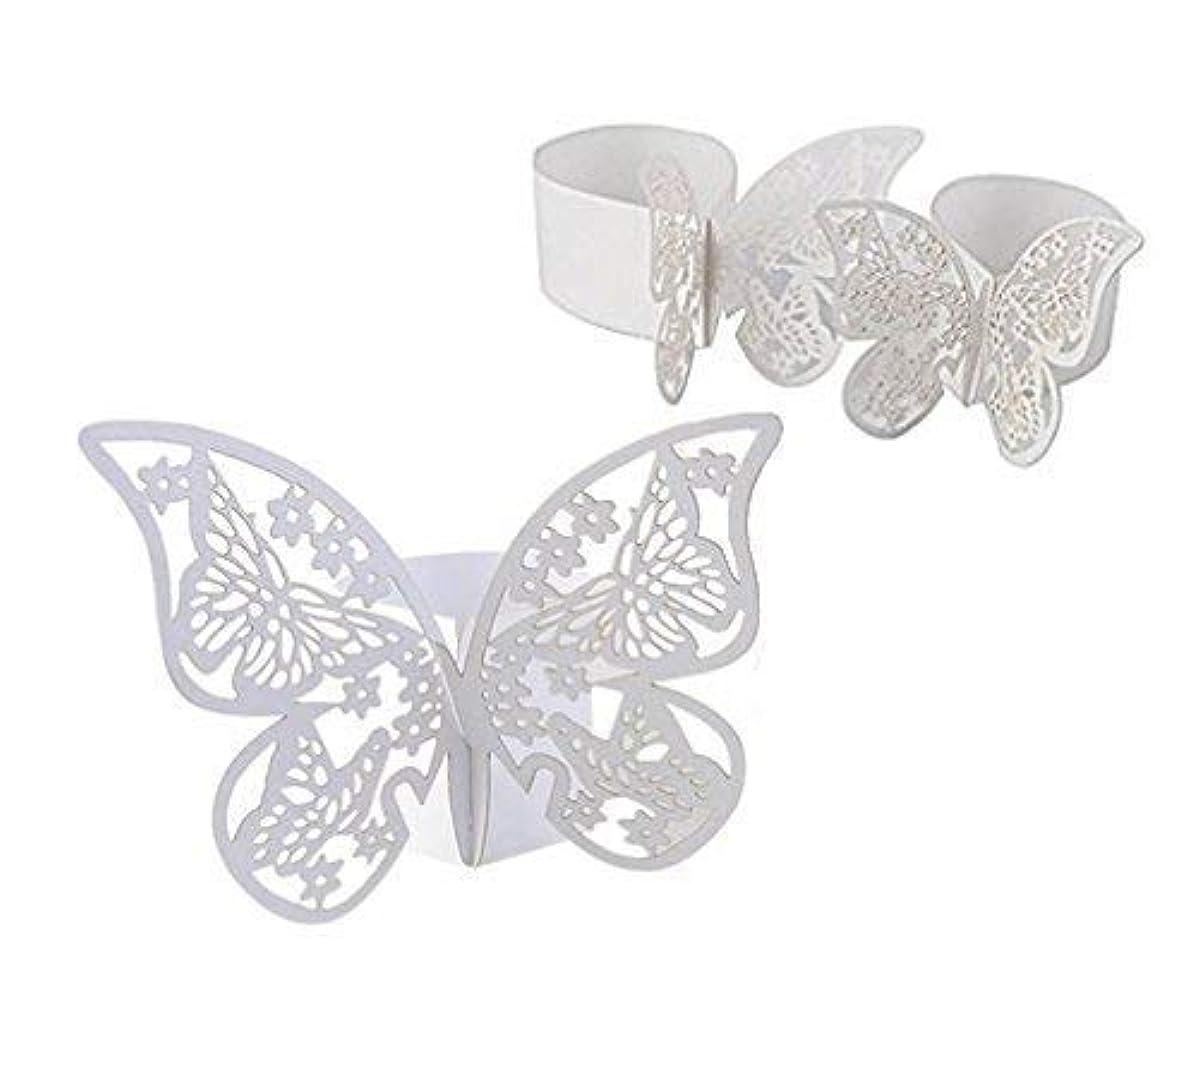 Baimeixun 100pcs 3D Butterfly Paper Napkin Rings Weddings Party Serviette Table Decoration (White)